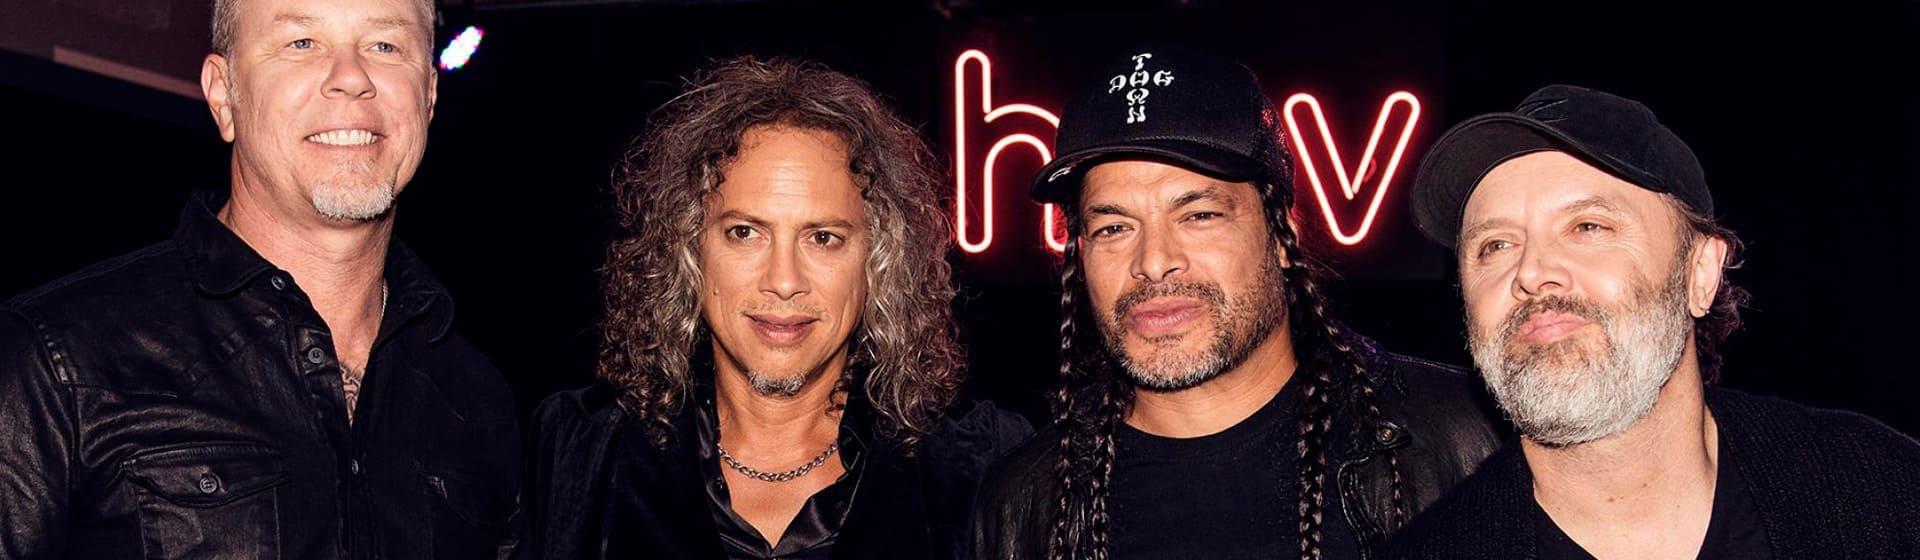 Metallica - Мерч и одежда с атрибутикой